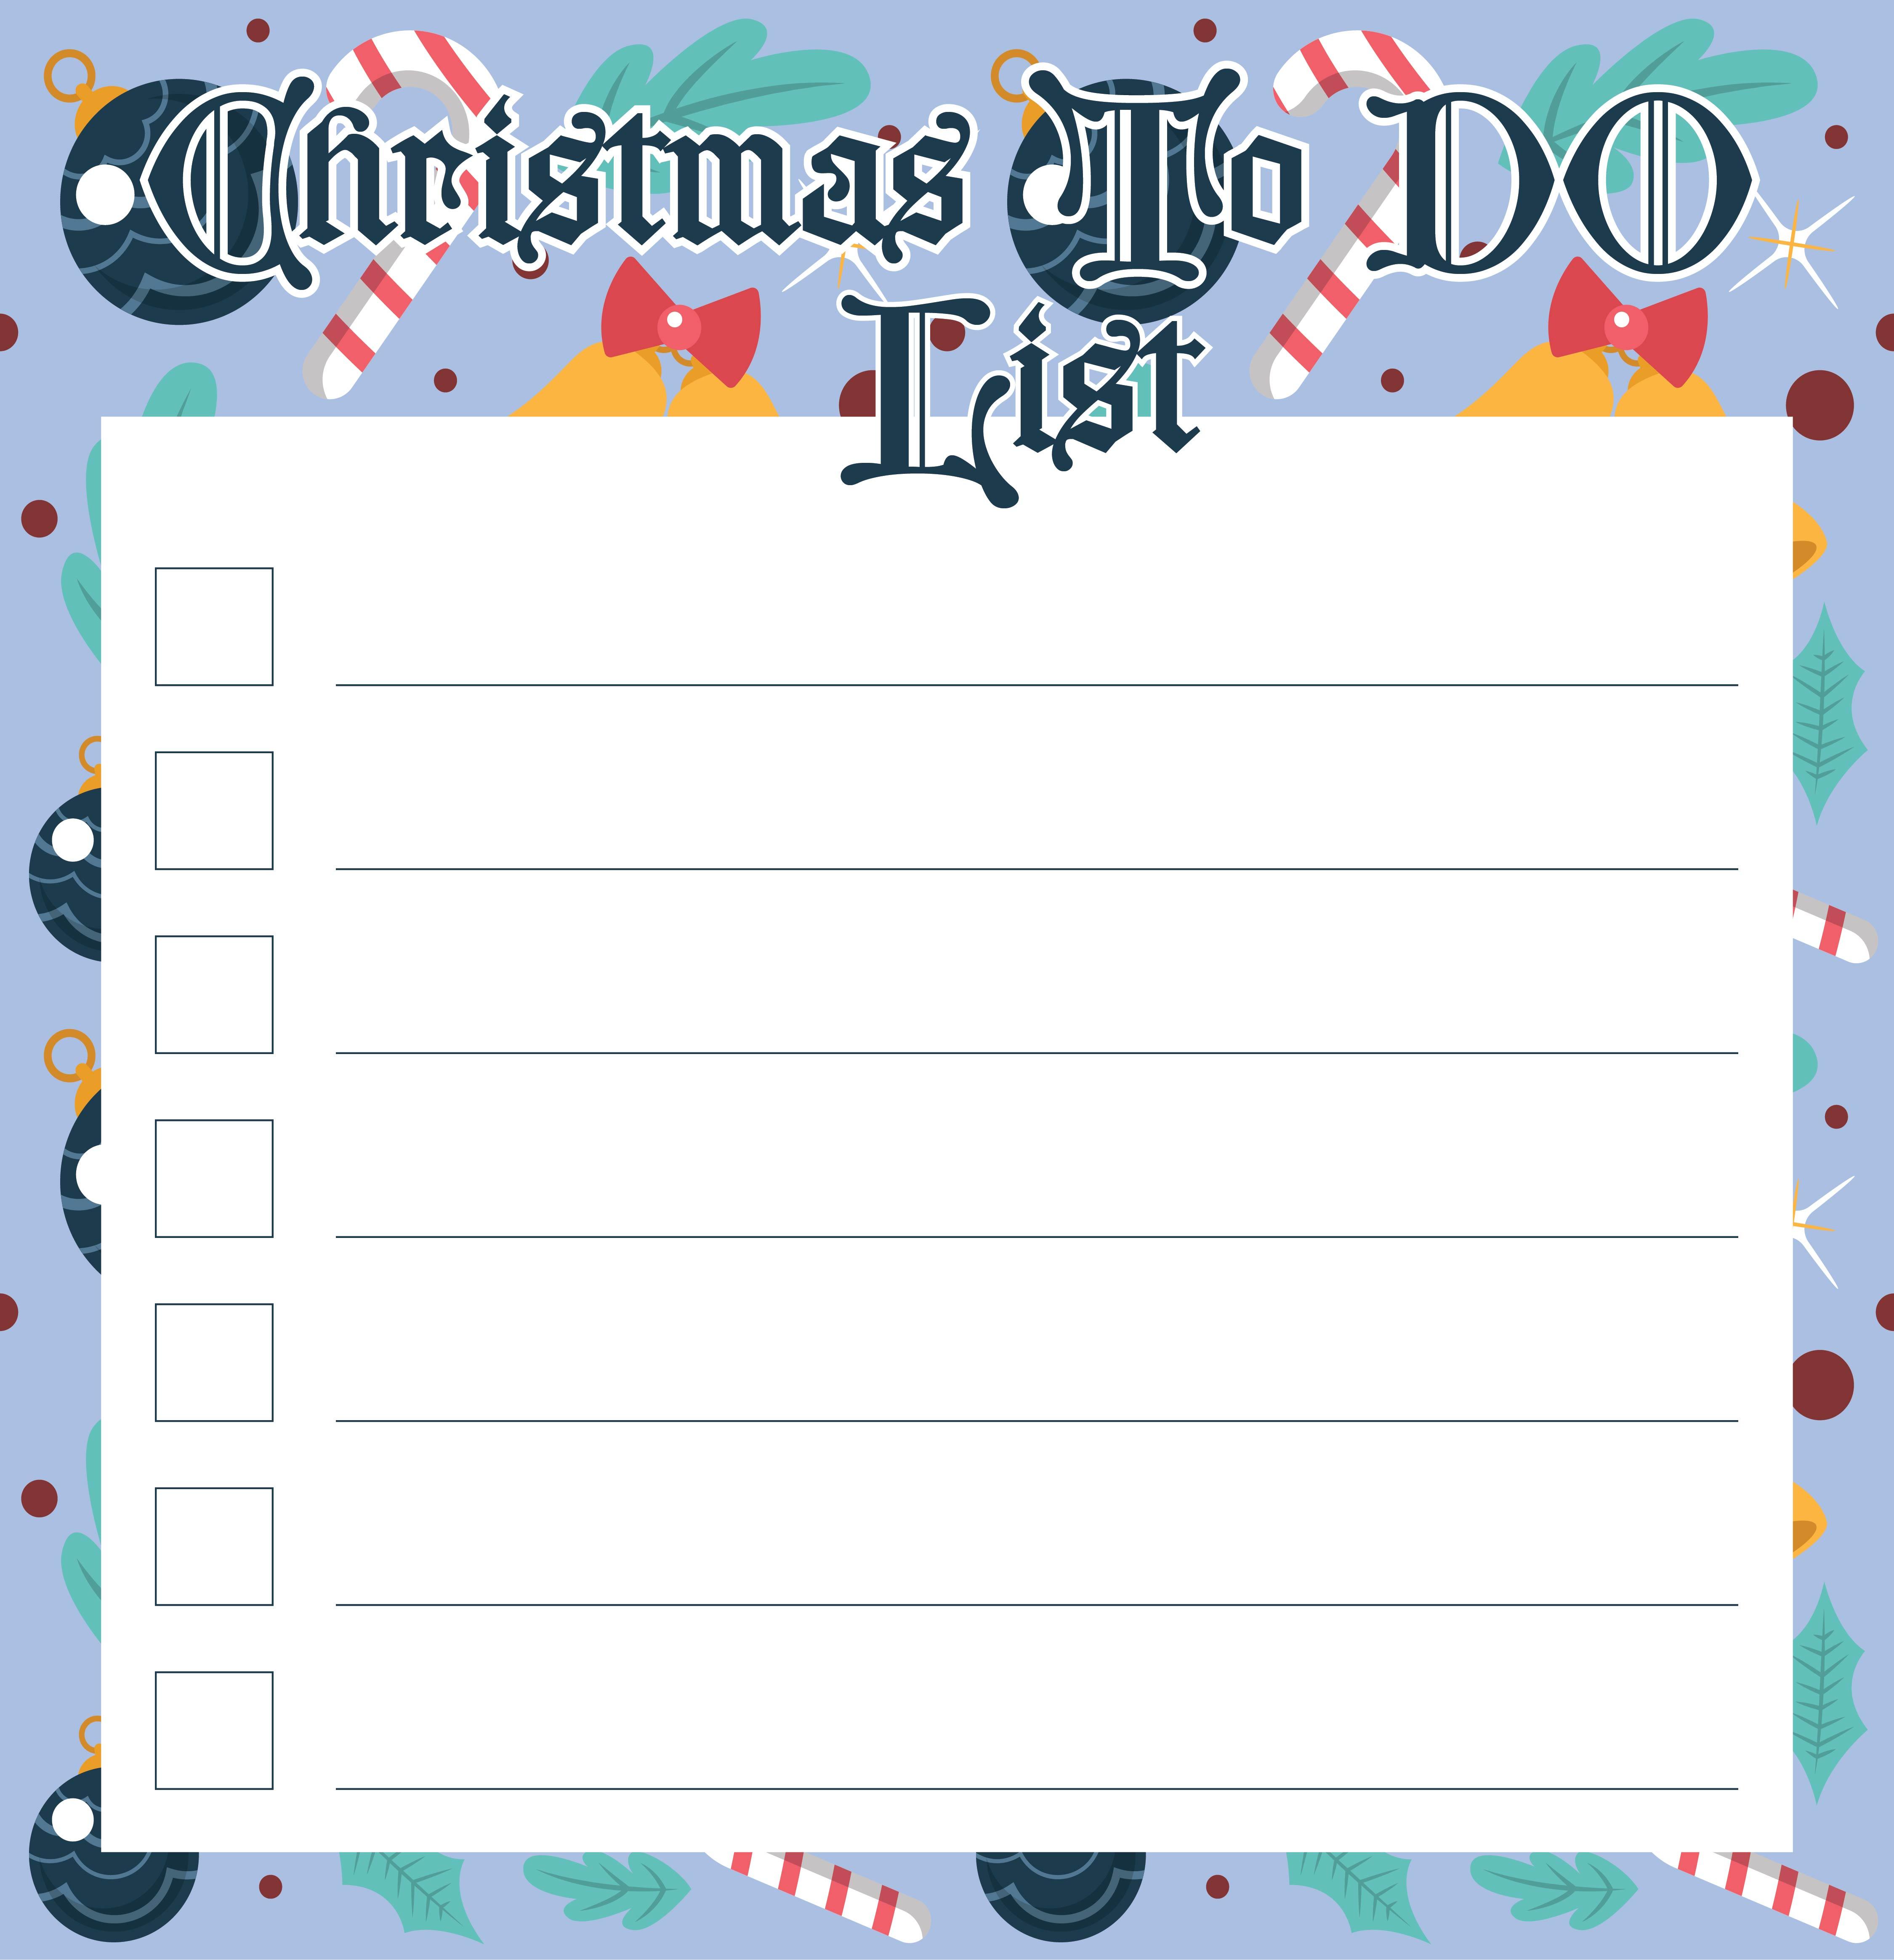 Christmas List Printable to Do